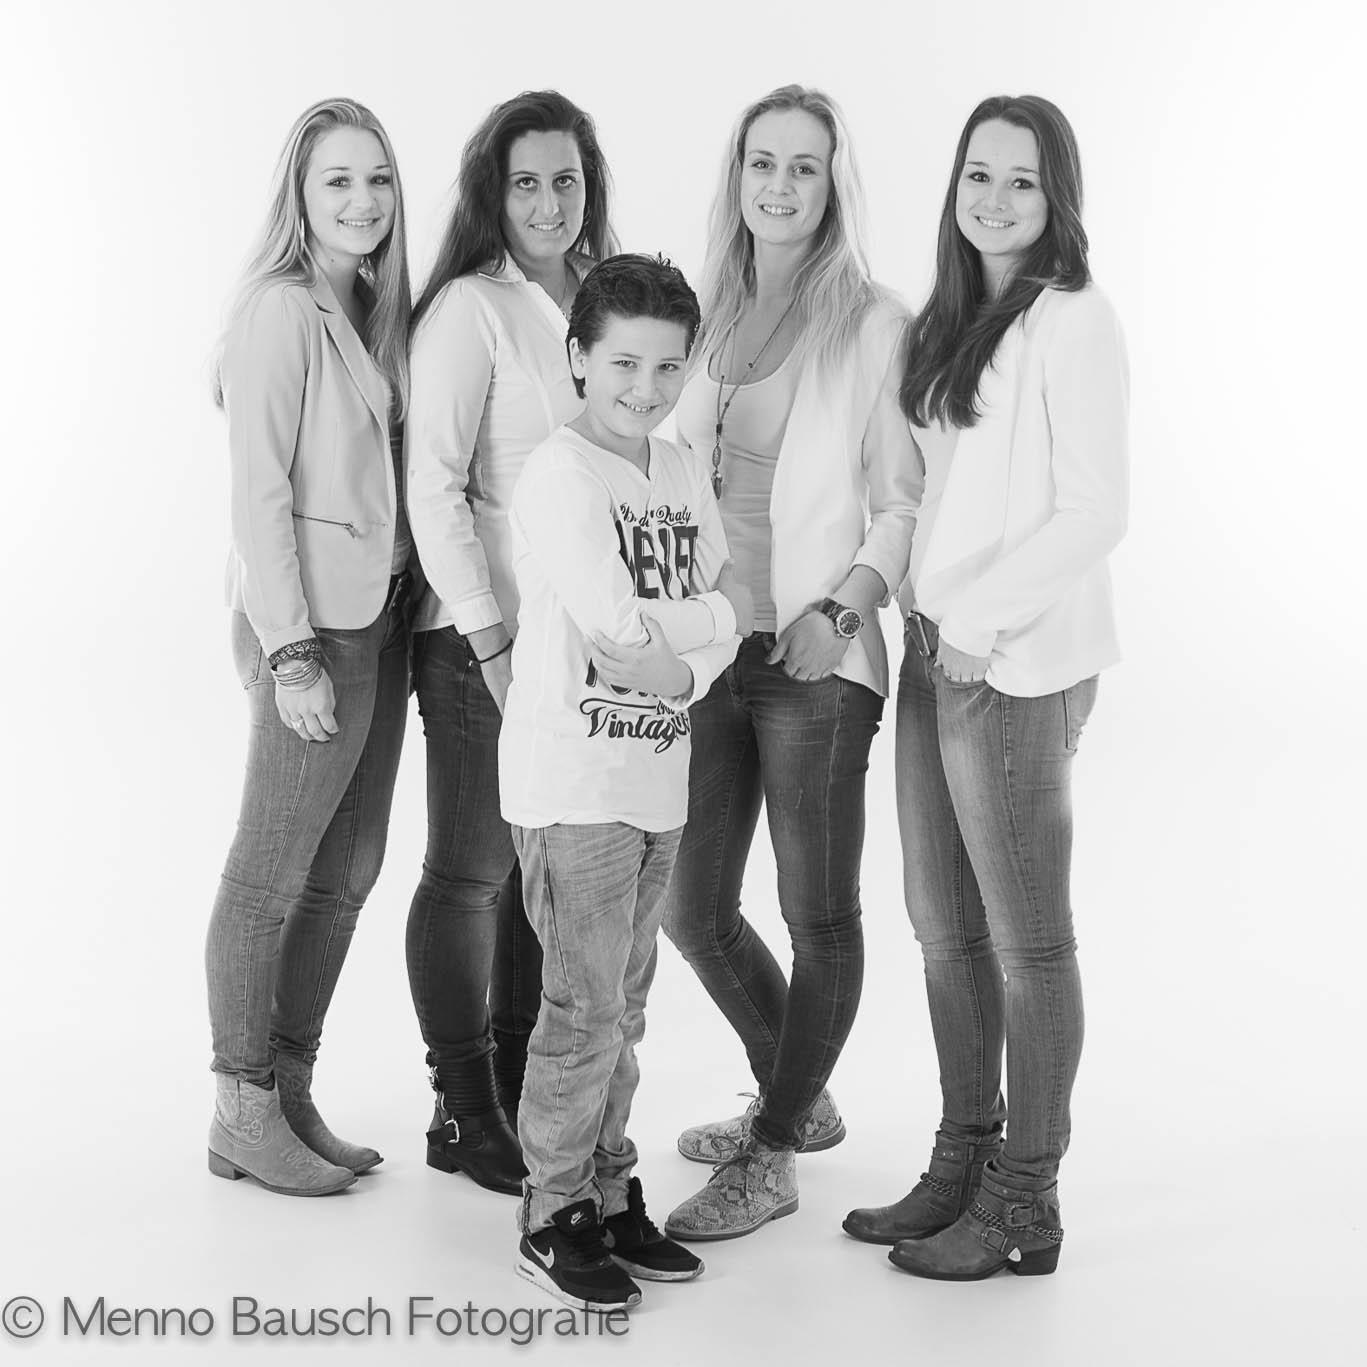 Menno Bausch Fotografie39-2